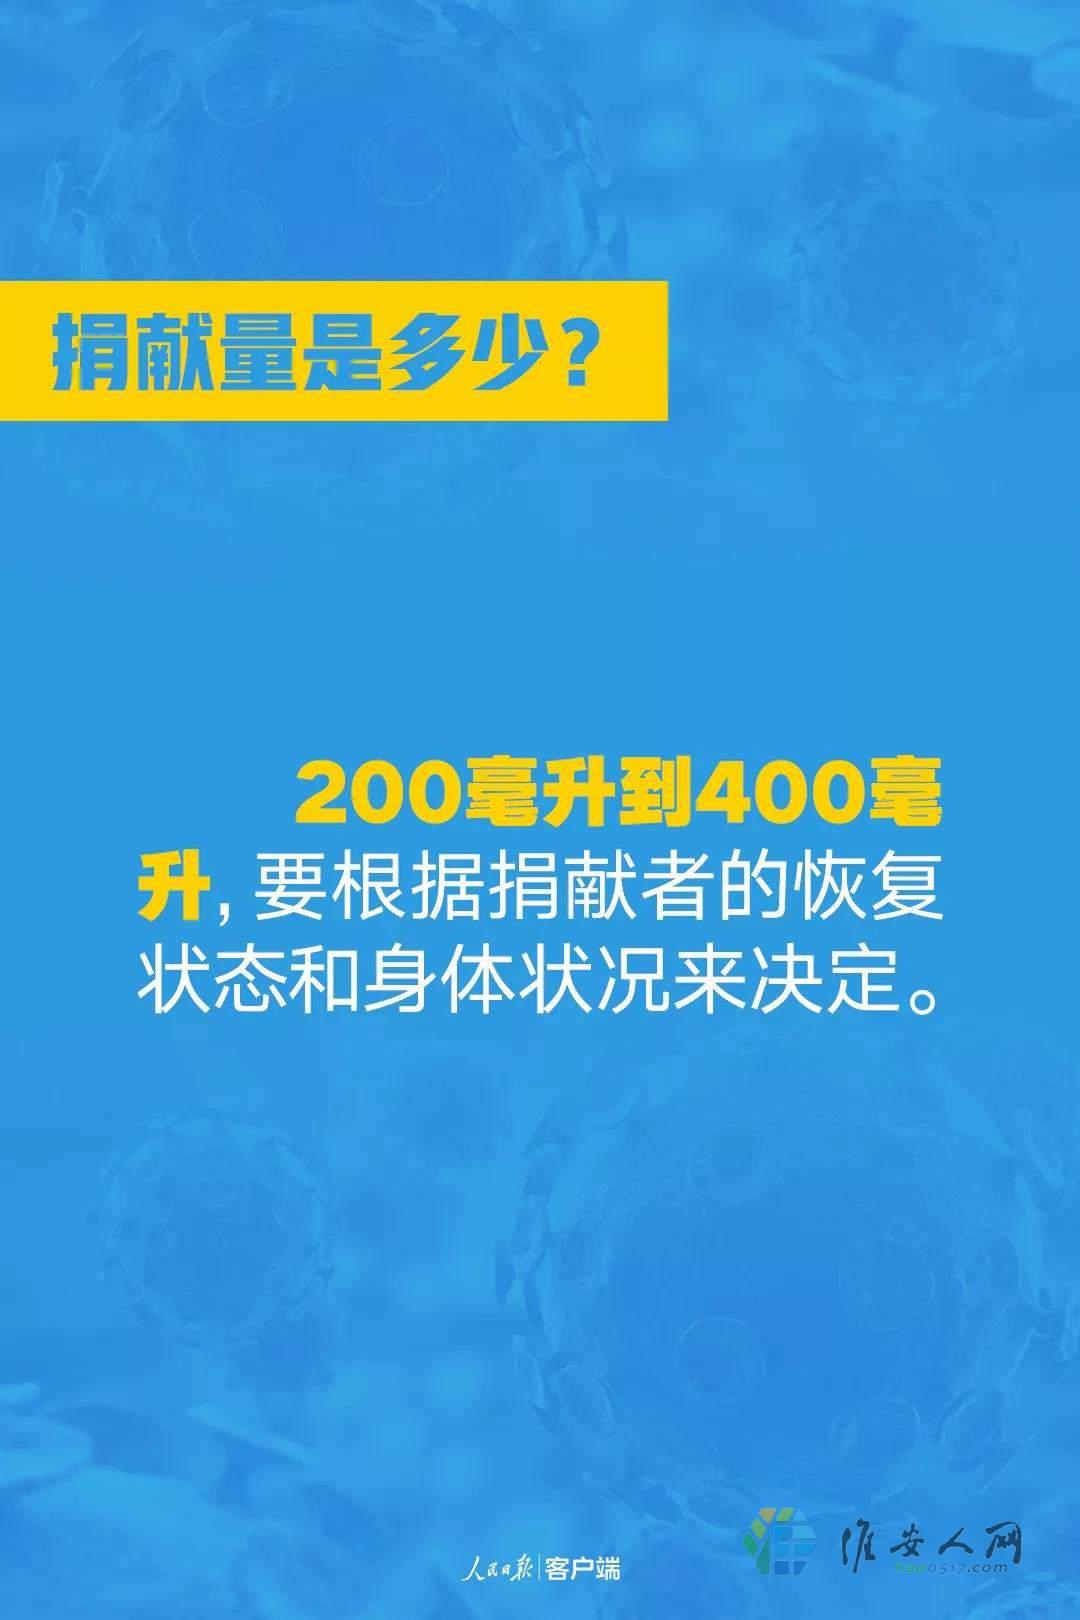 微信图片_20200216094514.jpg